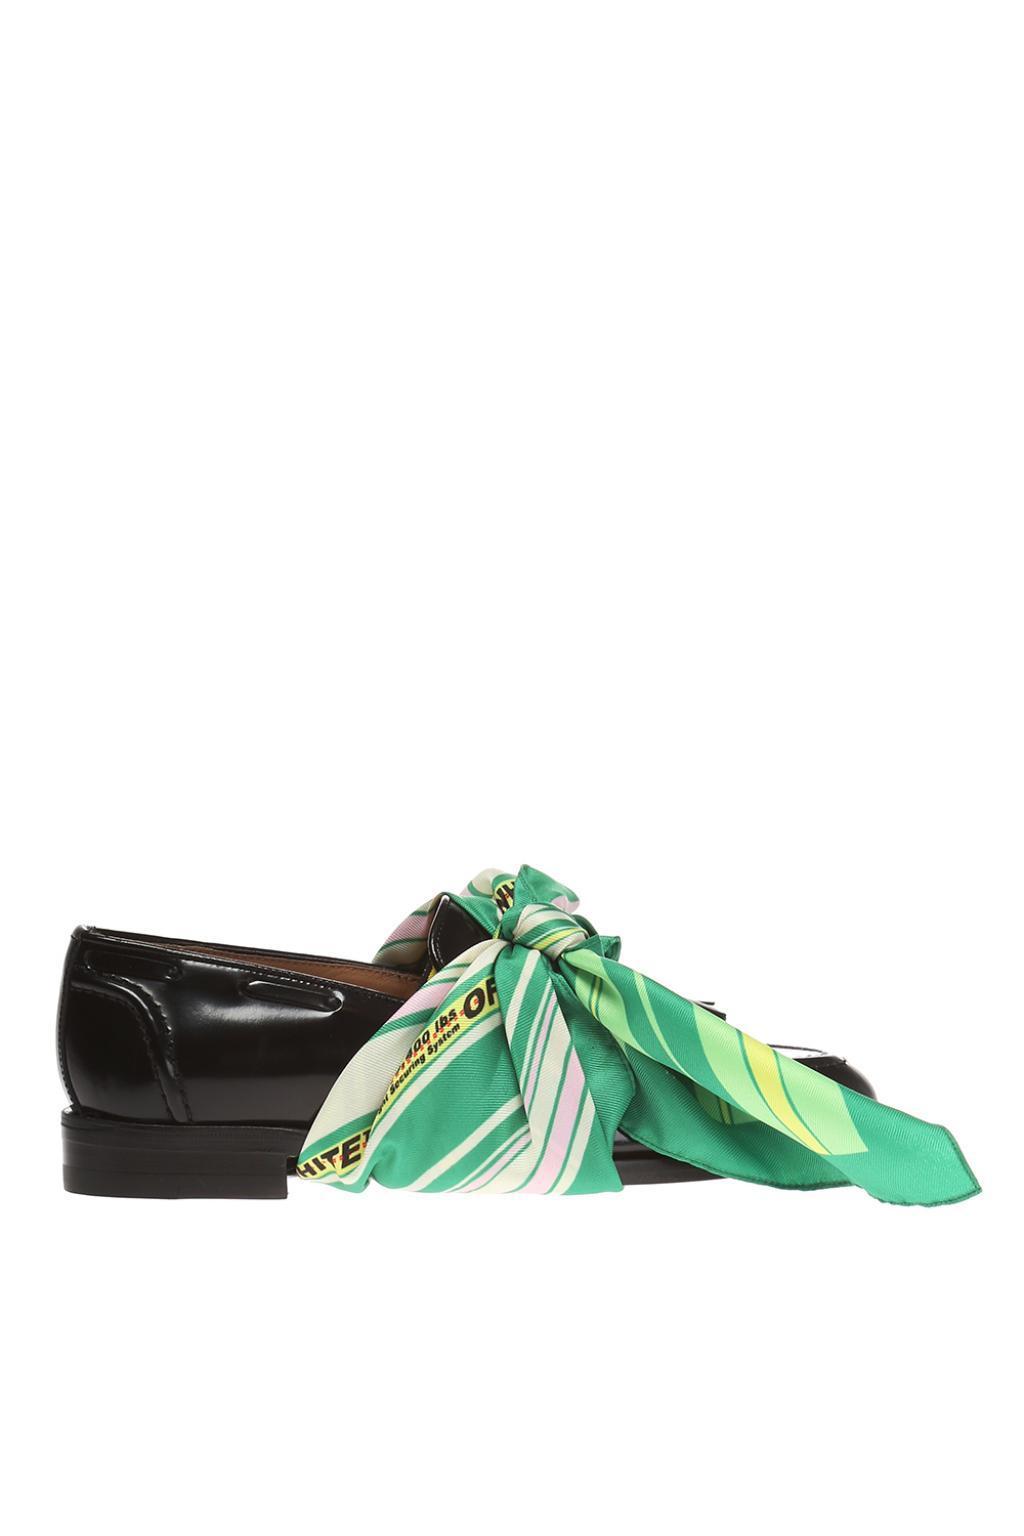 Lyst - Off-White c o Virgil Abloh Slip-on Shoes in Black 924e146e9